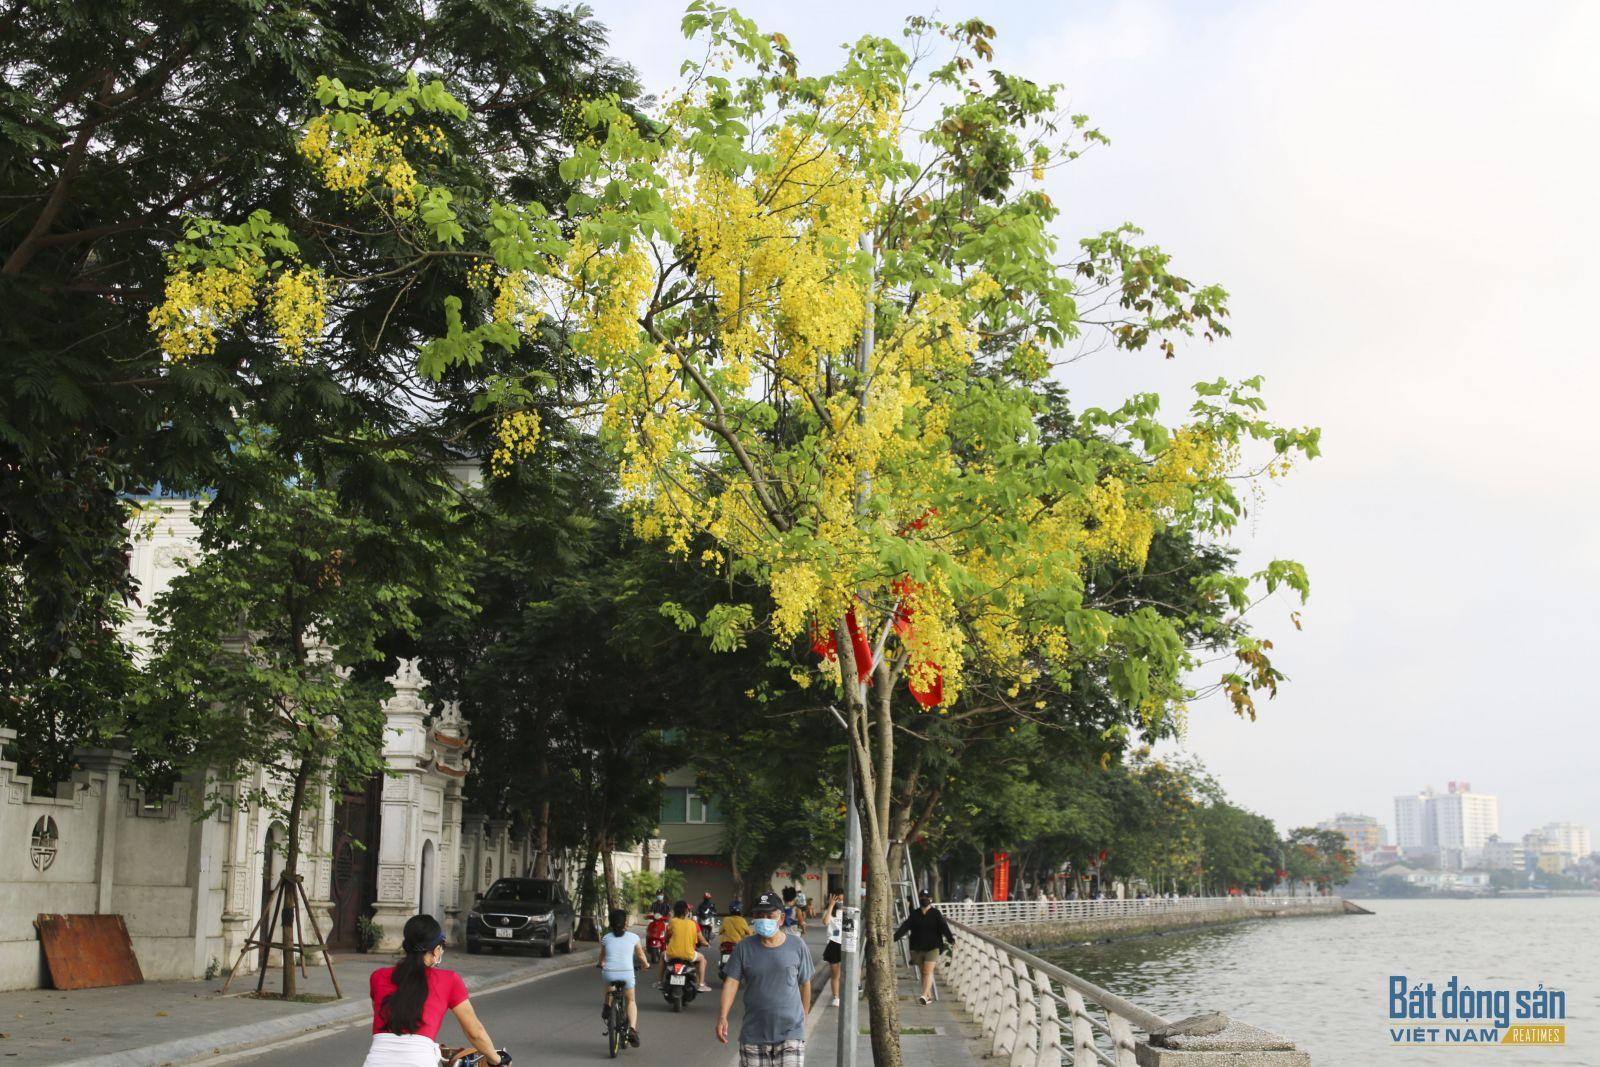 Muồng hoàng yến dễ trồng, mau lớn, tán lại rộng, hoa rất đẹp nên thích hợp làm cây xanh cảnh quan đô thị.